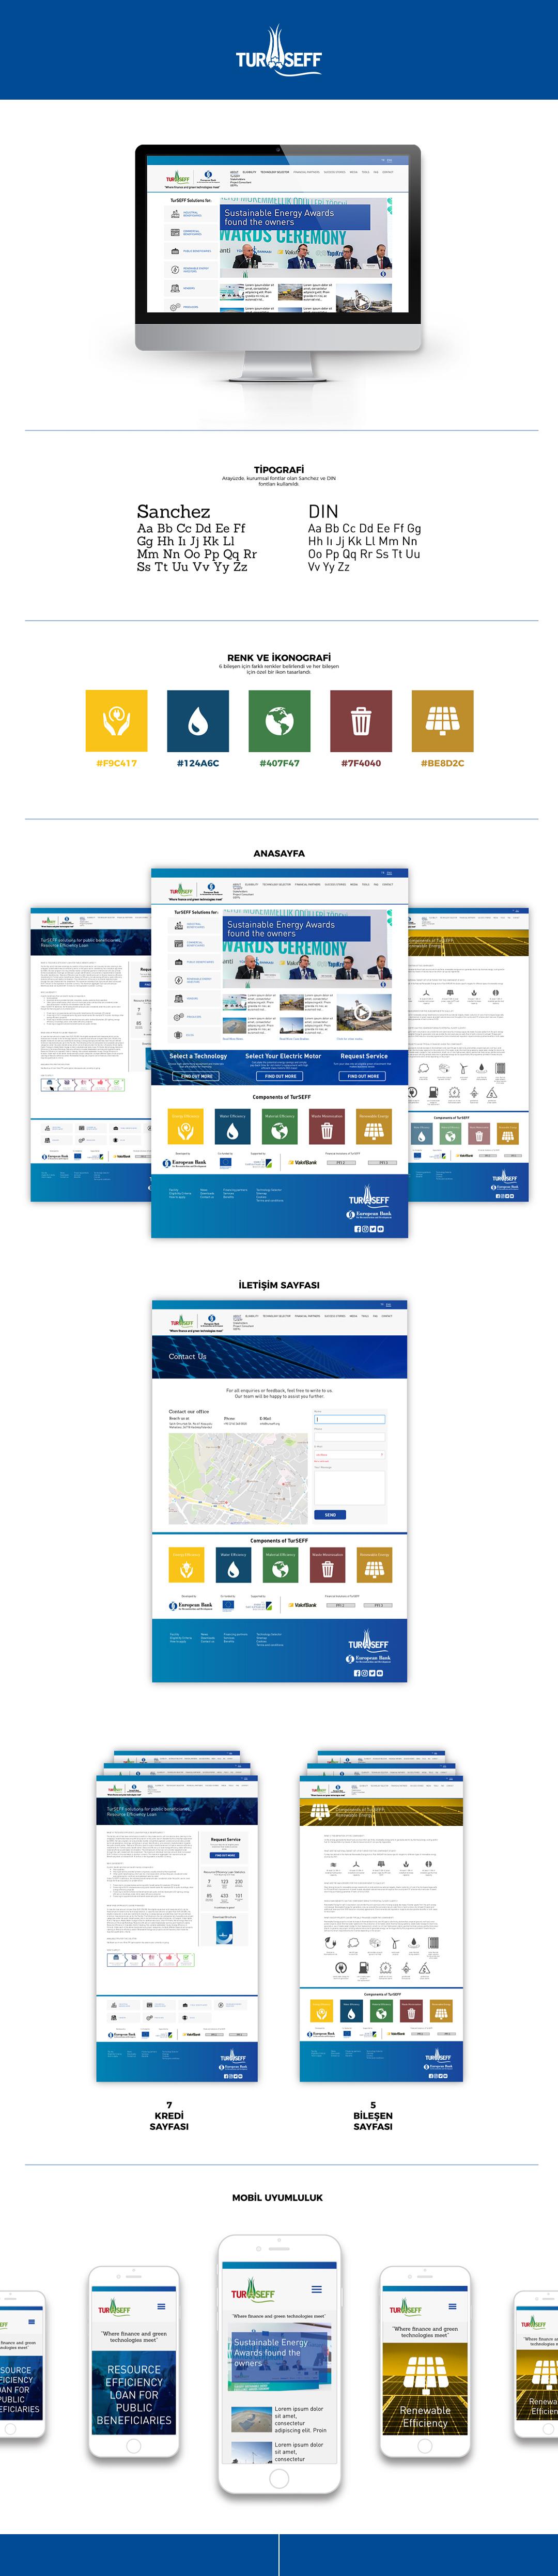 TurSEFF için hazırladığımız, tüm proje bilgilerinin, güncel haberlerin yer aldığı web sitesi